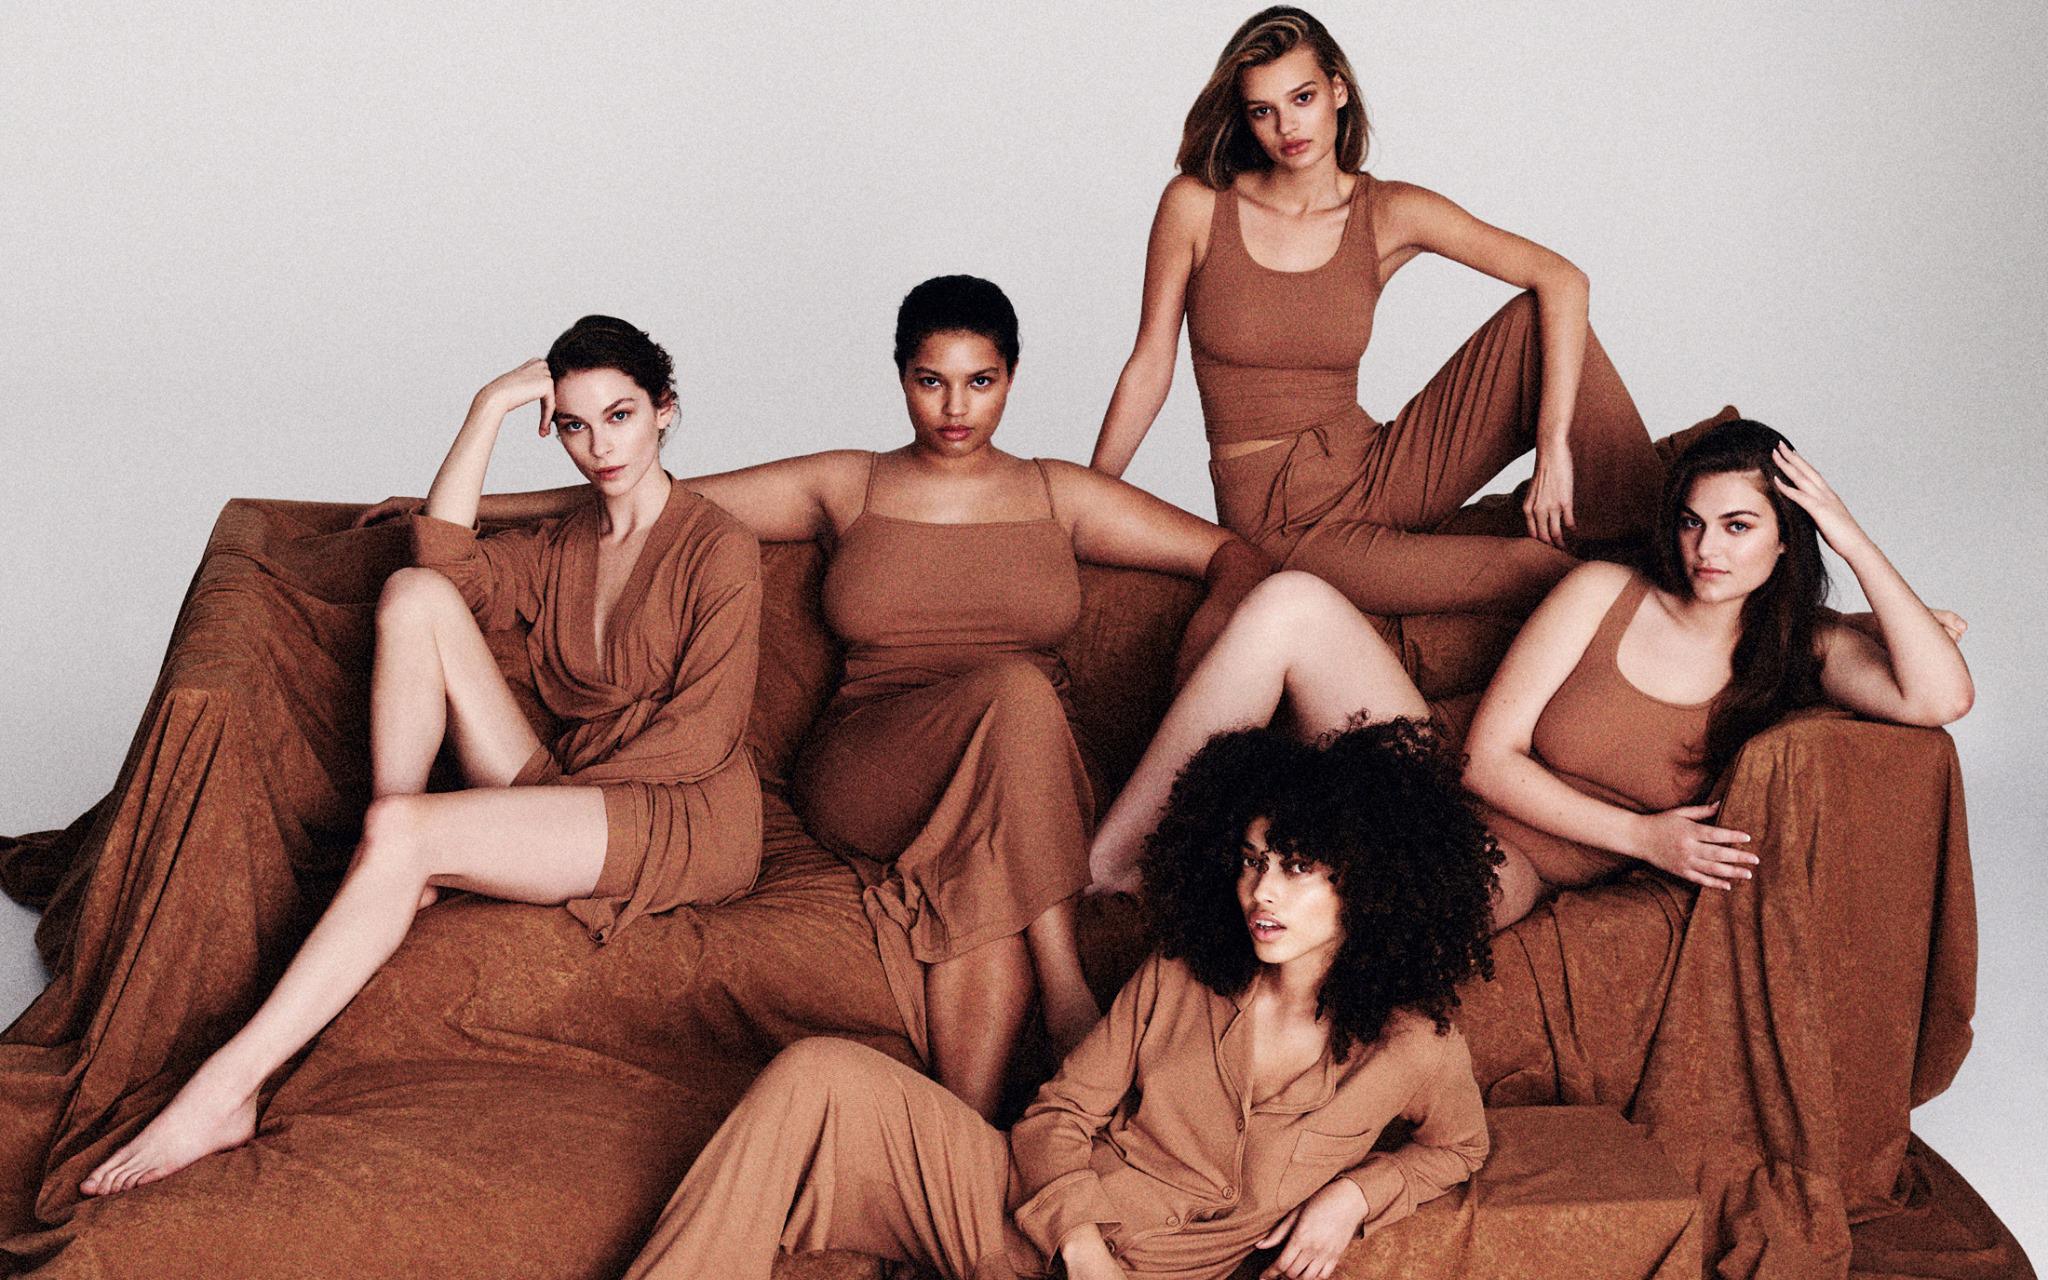 欧扎克和卡戴珊塑身衣品牌 SKIMS 获融资;DTC 电商 The Honest Company 提交 IPO 申请|品牌日报